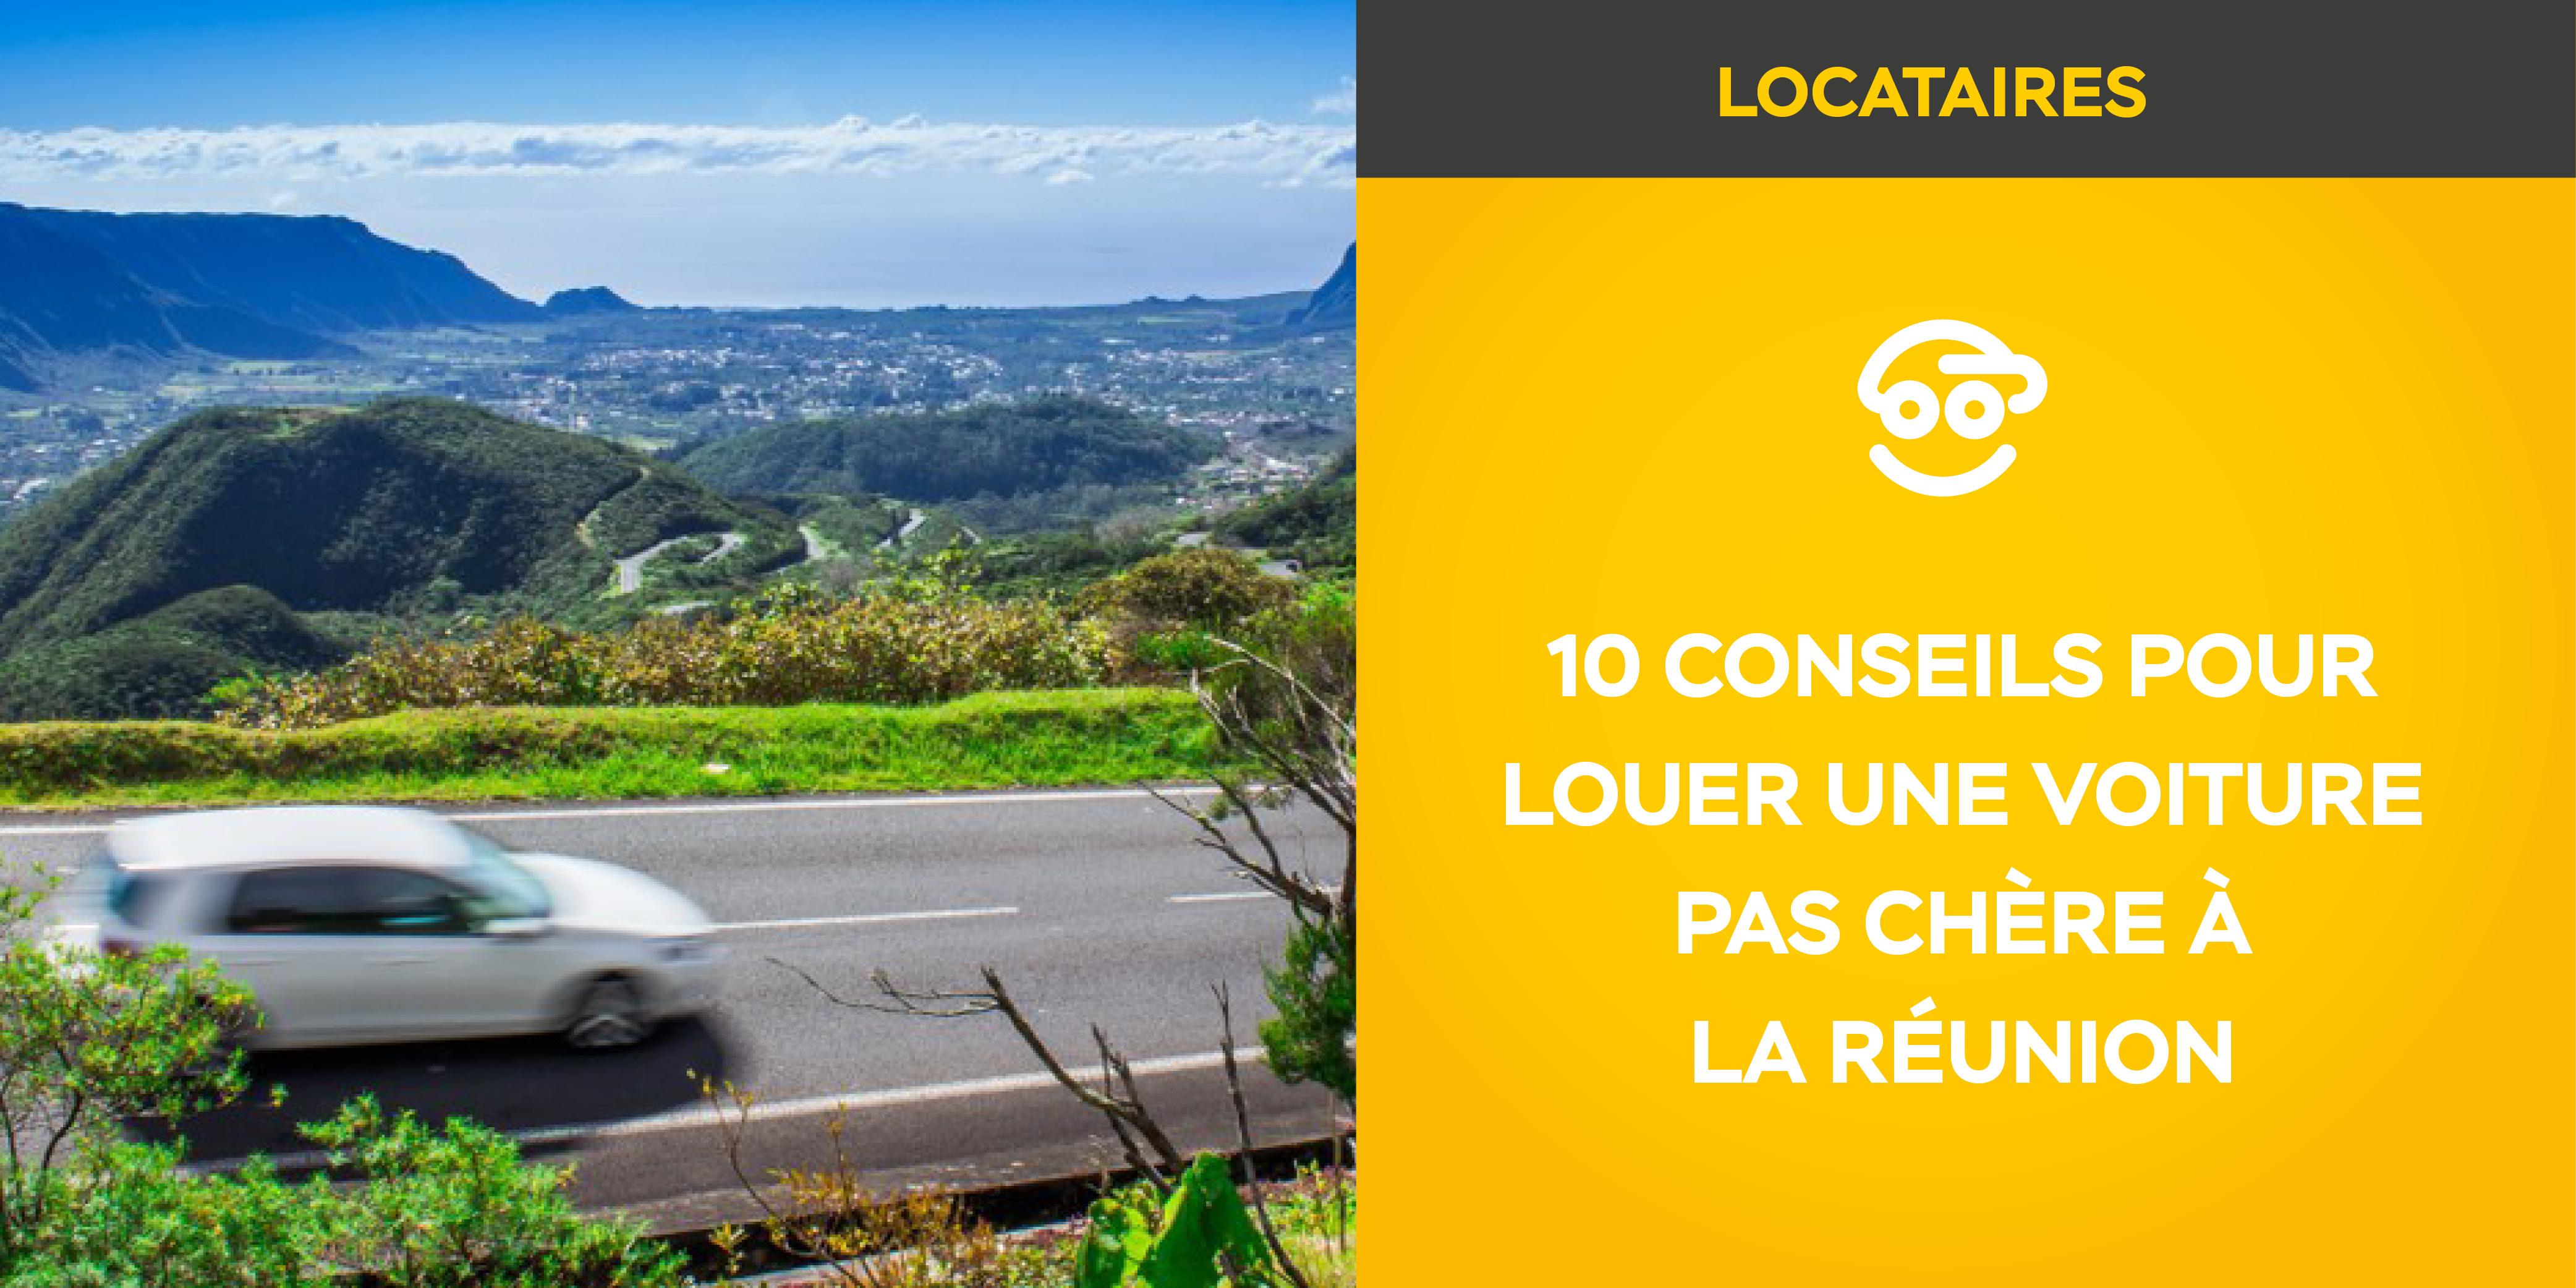 Nos 10 conseils pour louer une voiture pas chère à La Réunion